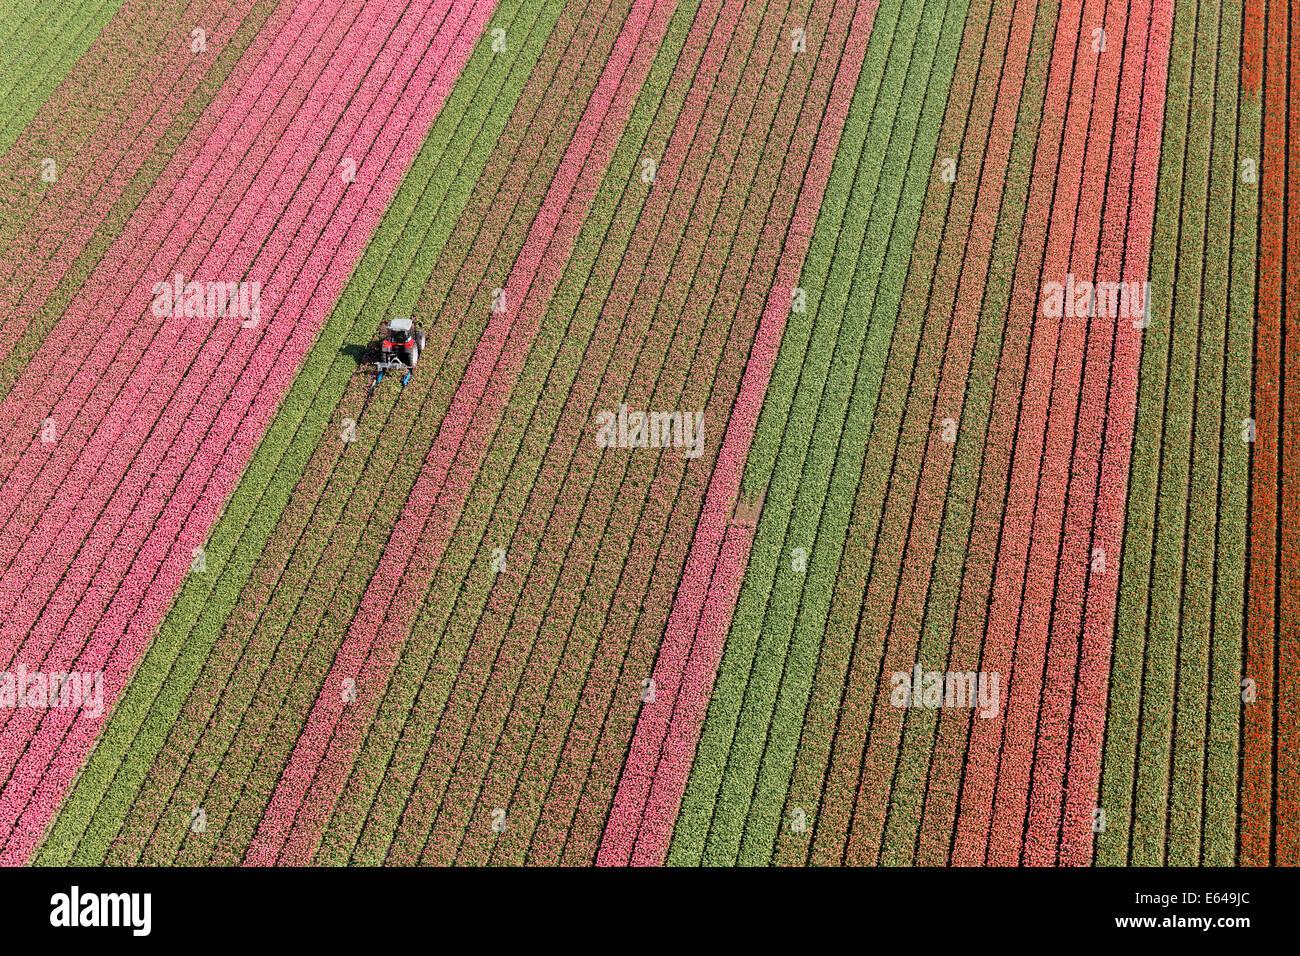 Trattore in campi di tulipani, North Holland, Paesi Bassi Immagini Stock